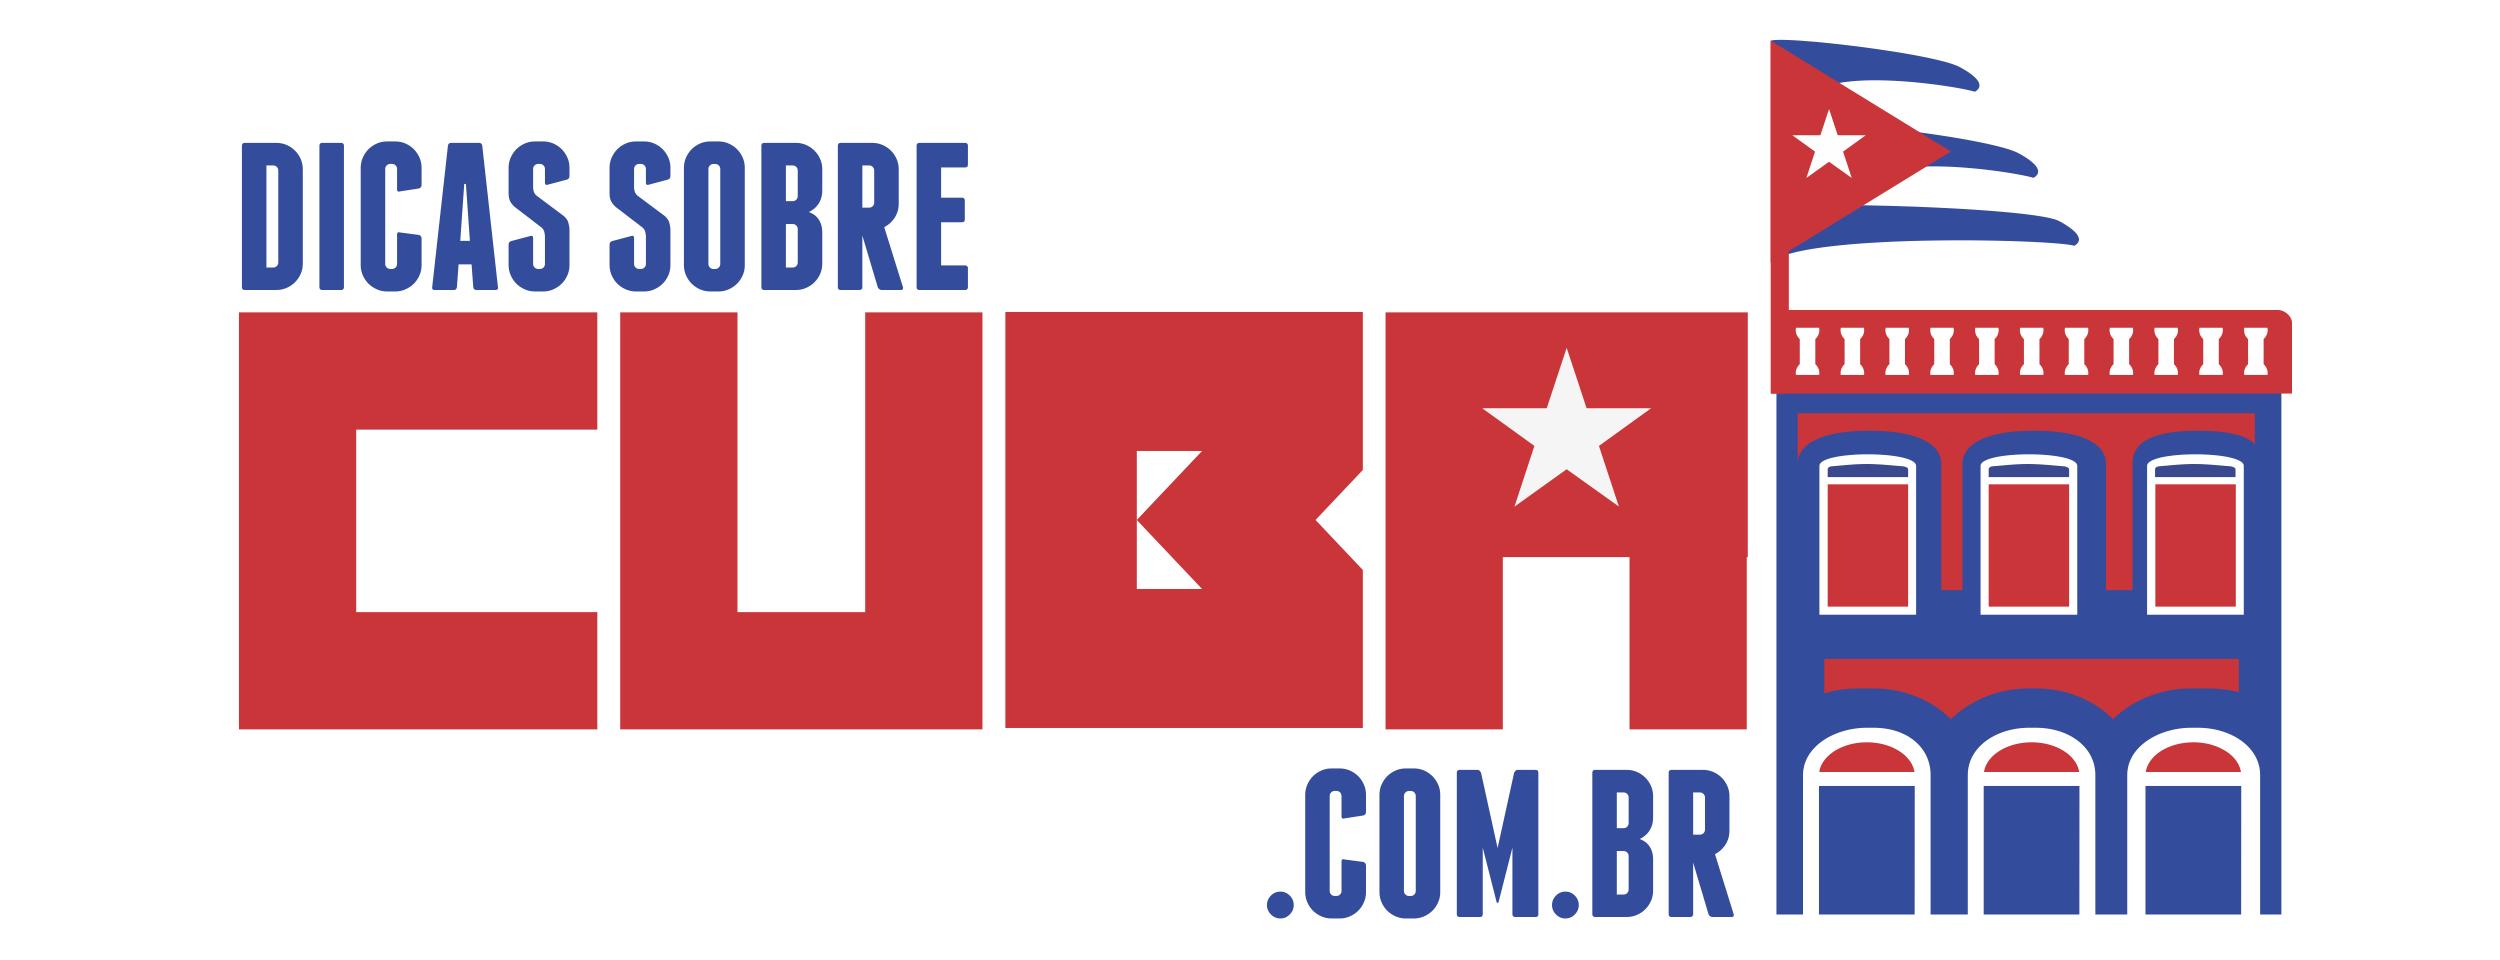 Dicas sobre CUBA